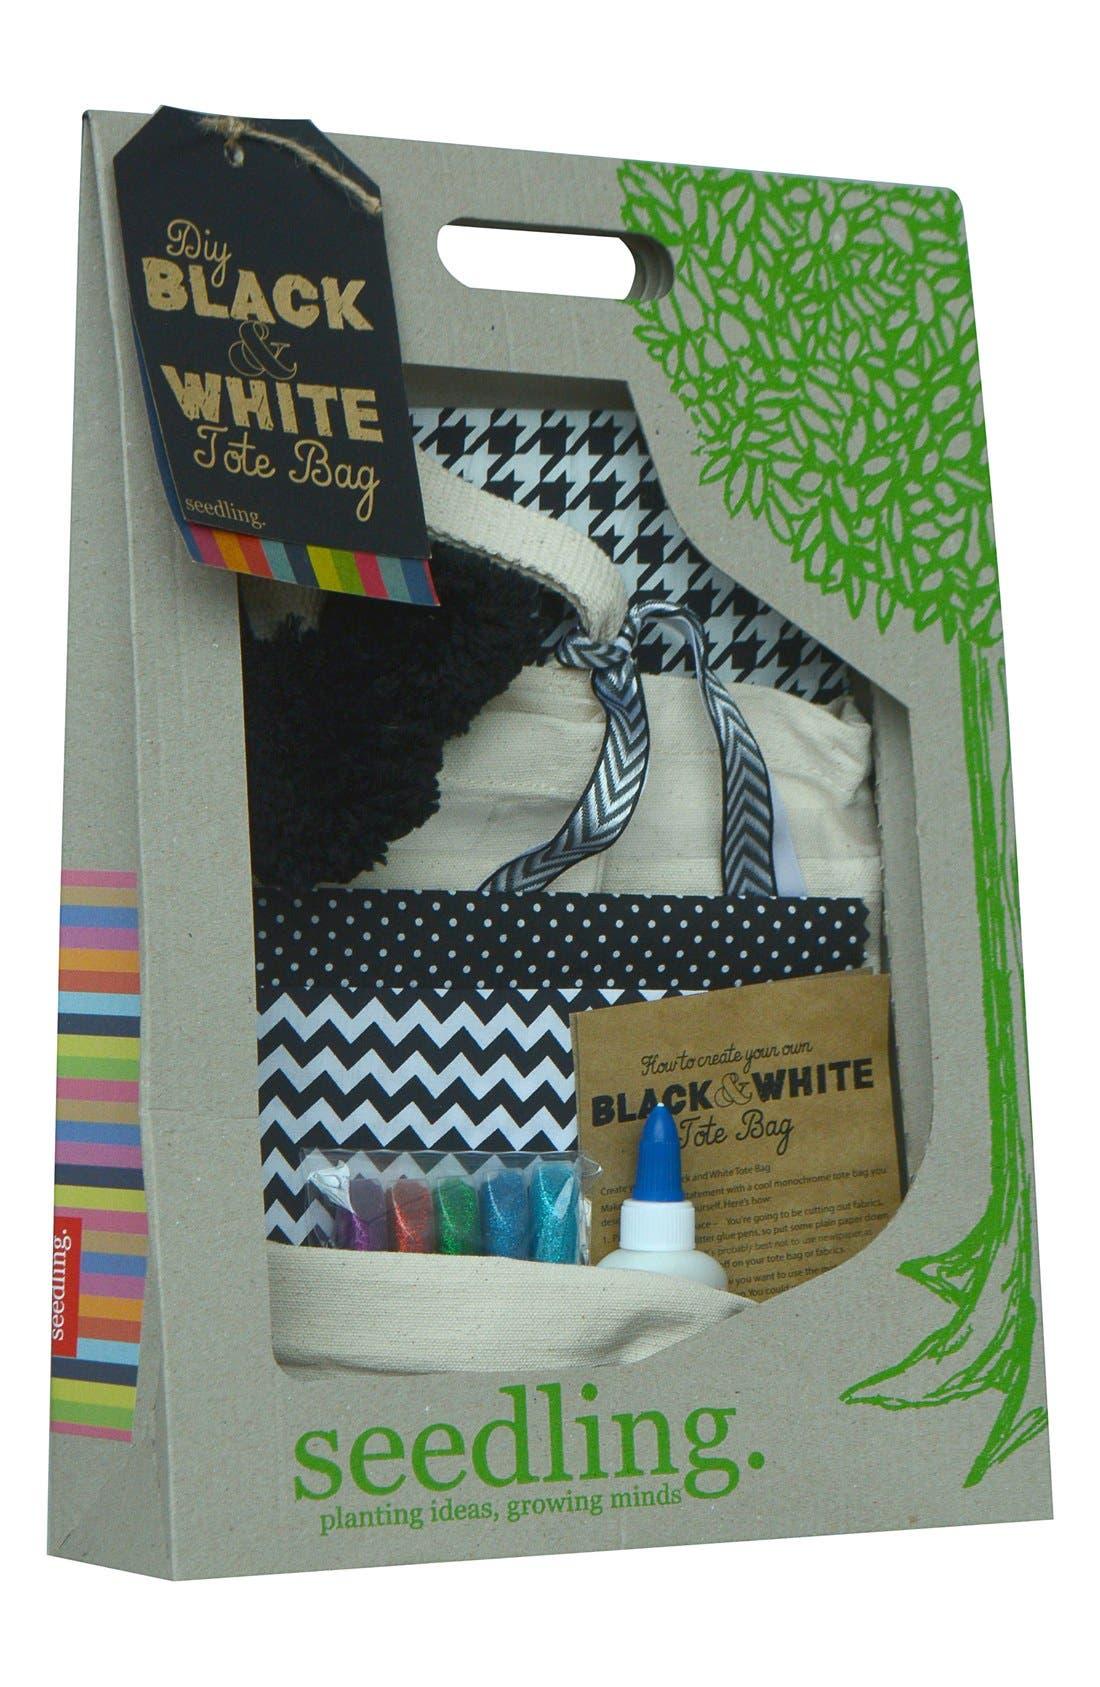 SEEDLING 'DIY Tote Bag' Kit